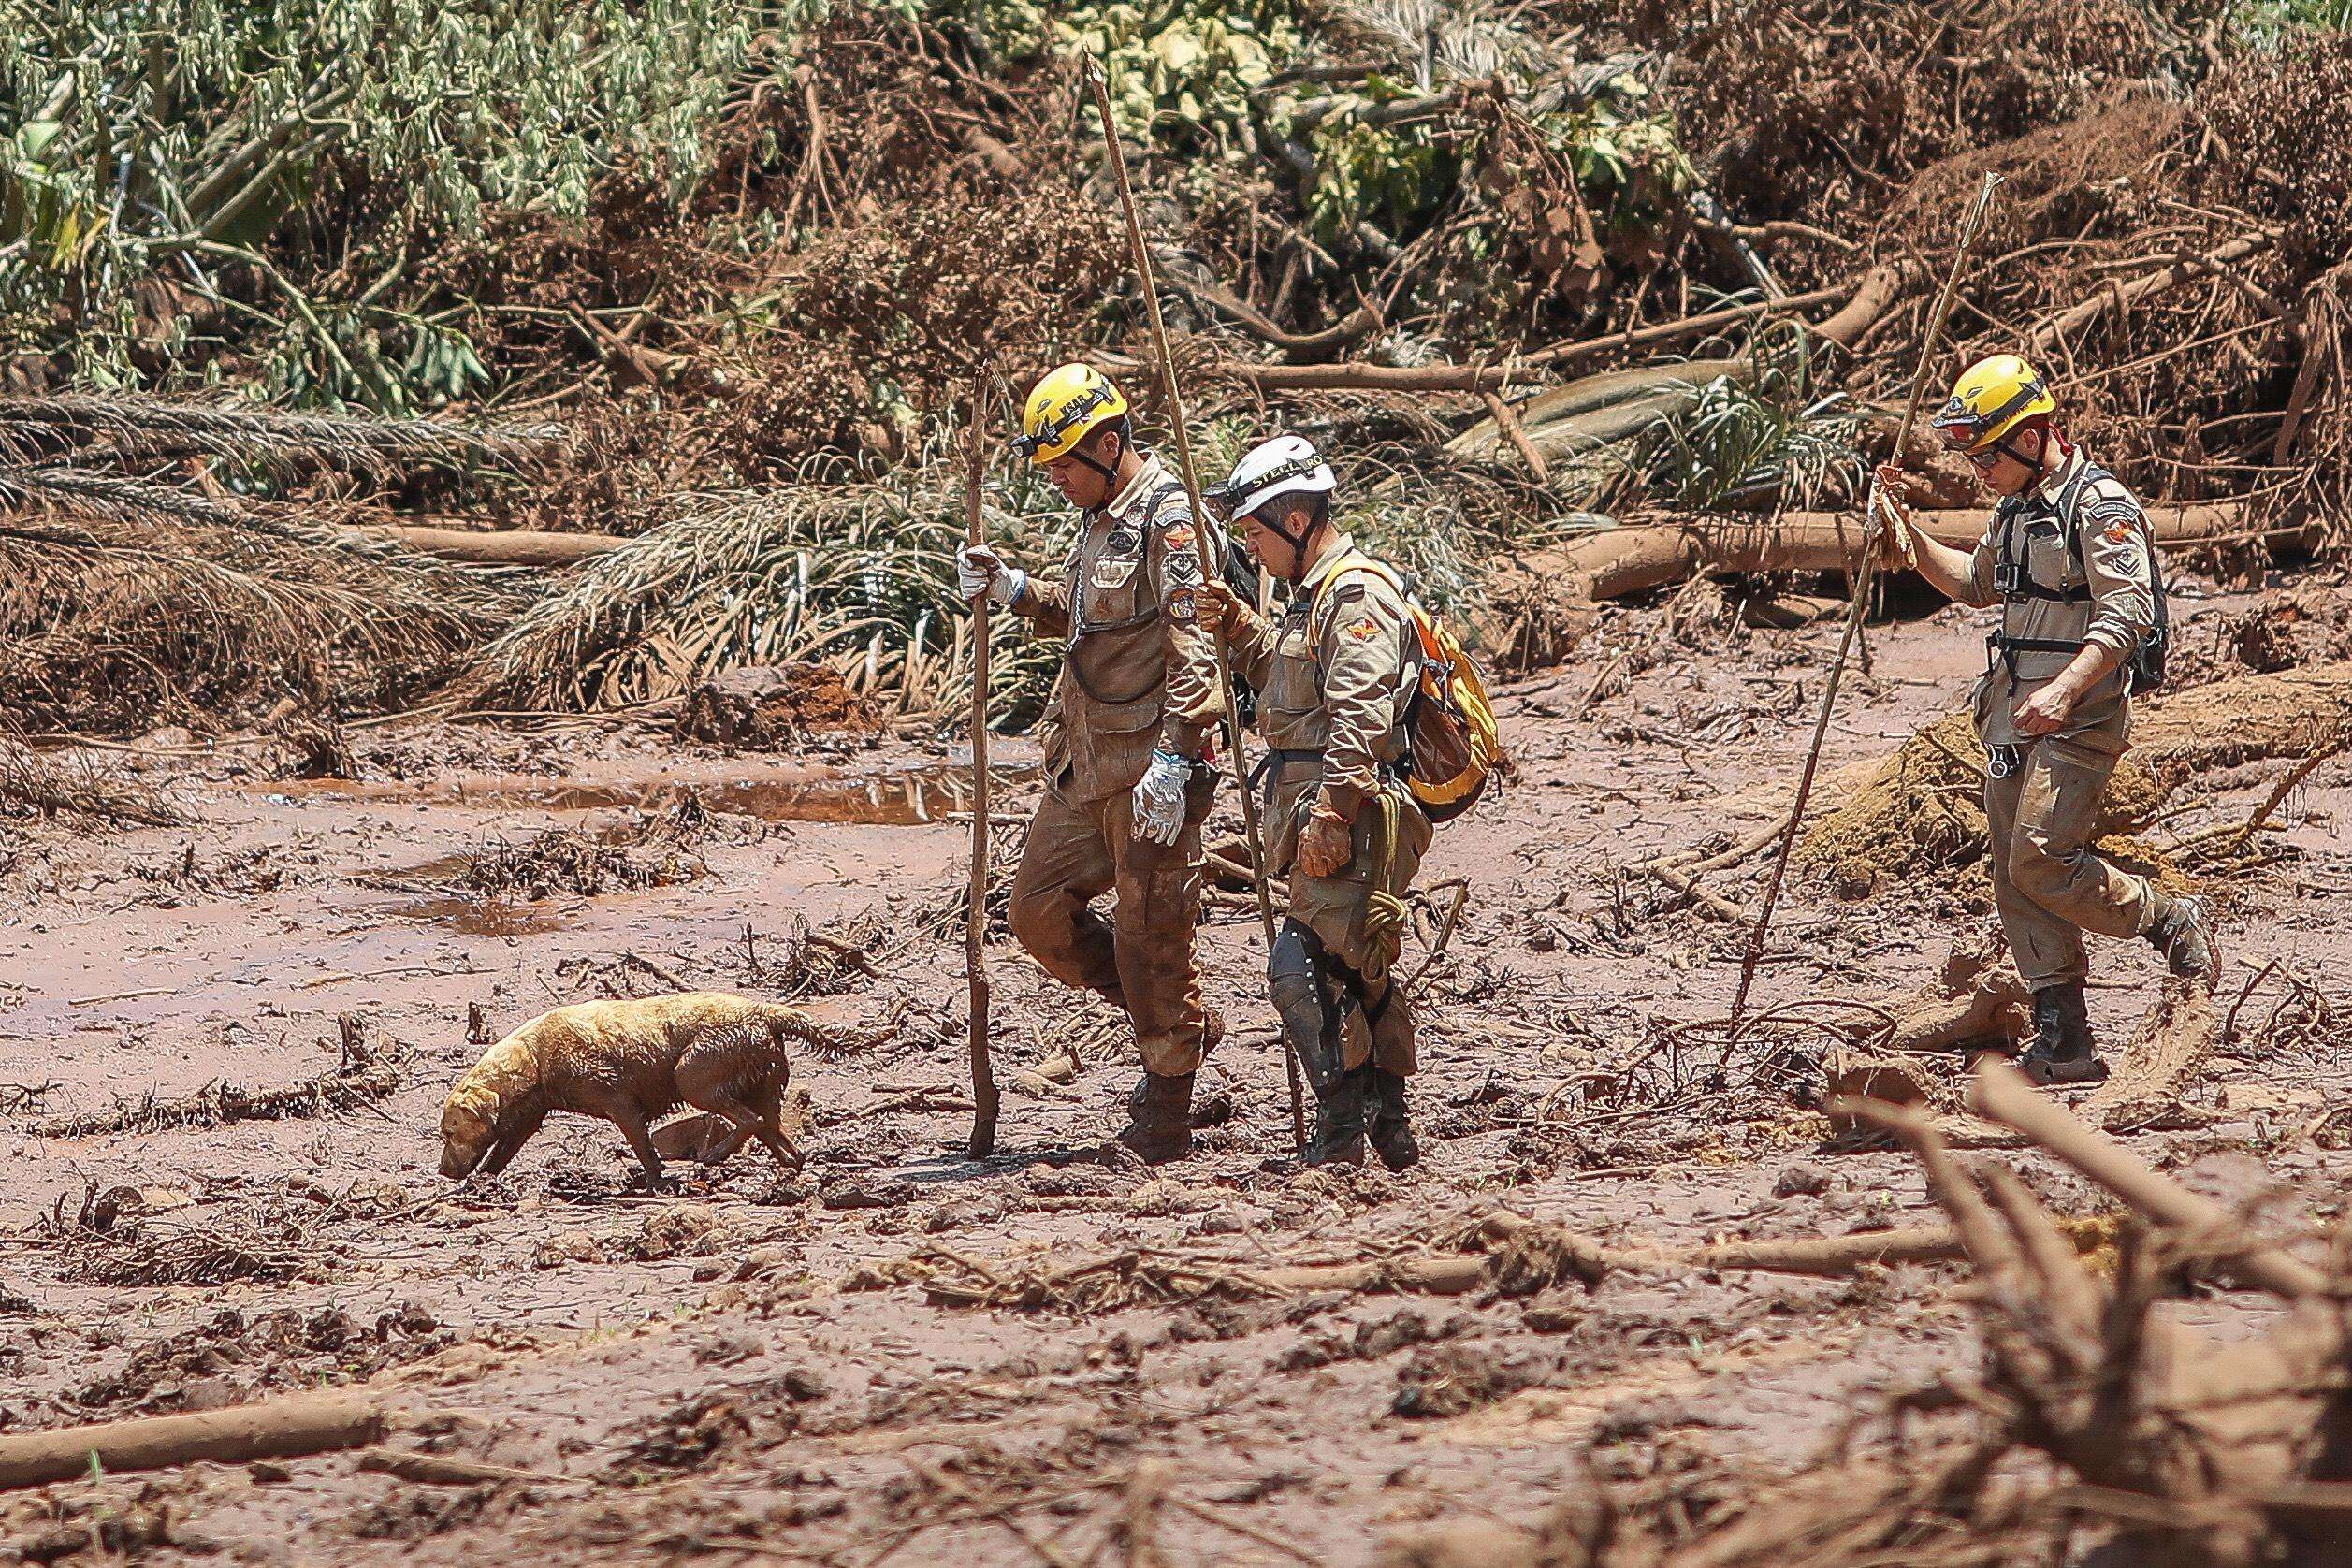 Paulo Metri: Lucrar não é proibido nem errado; o inaceitavel é obter maior lucro com um mar de lama